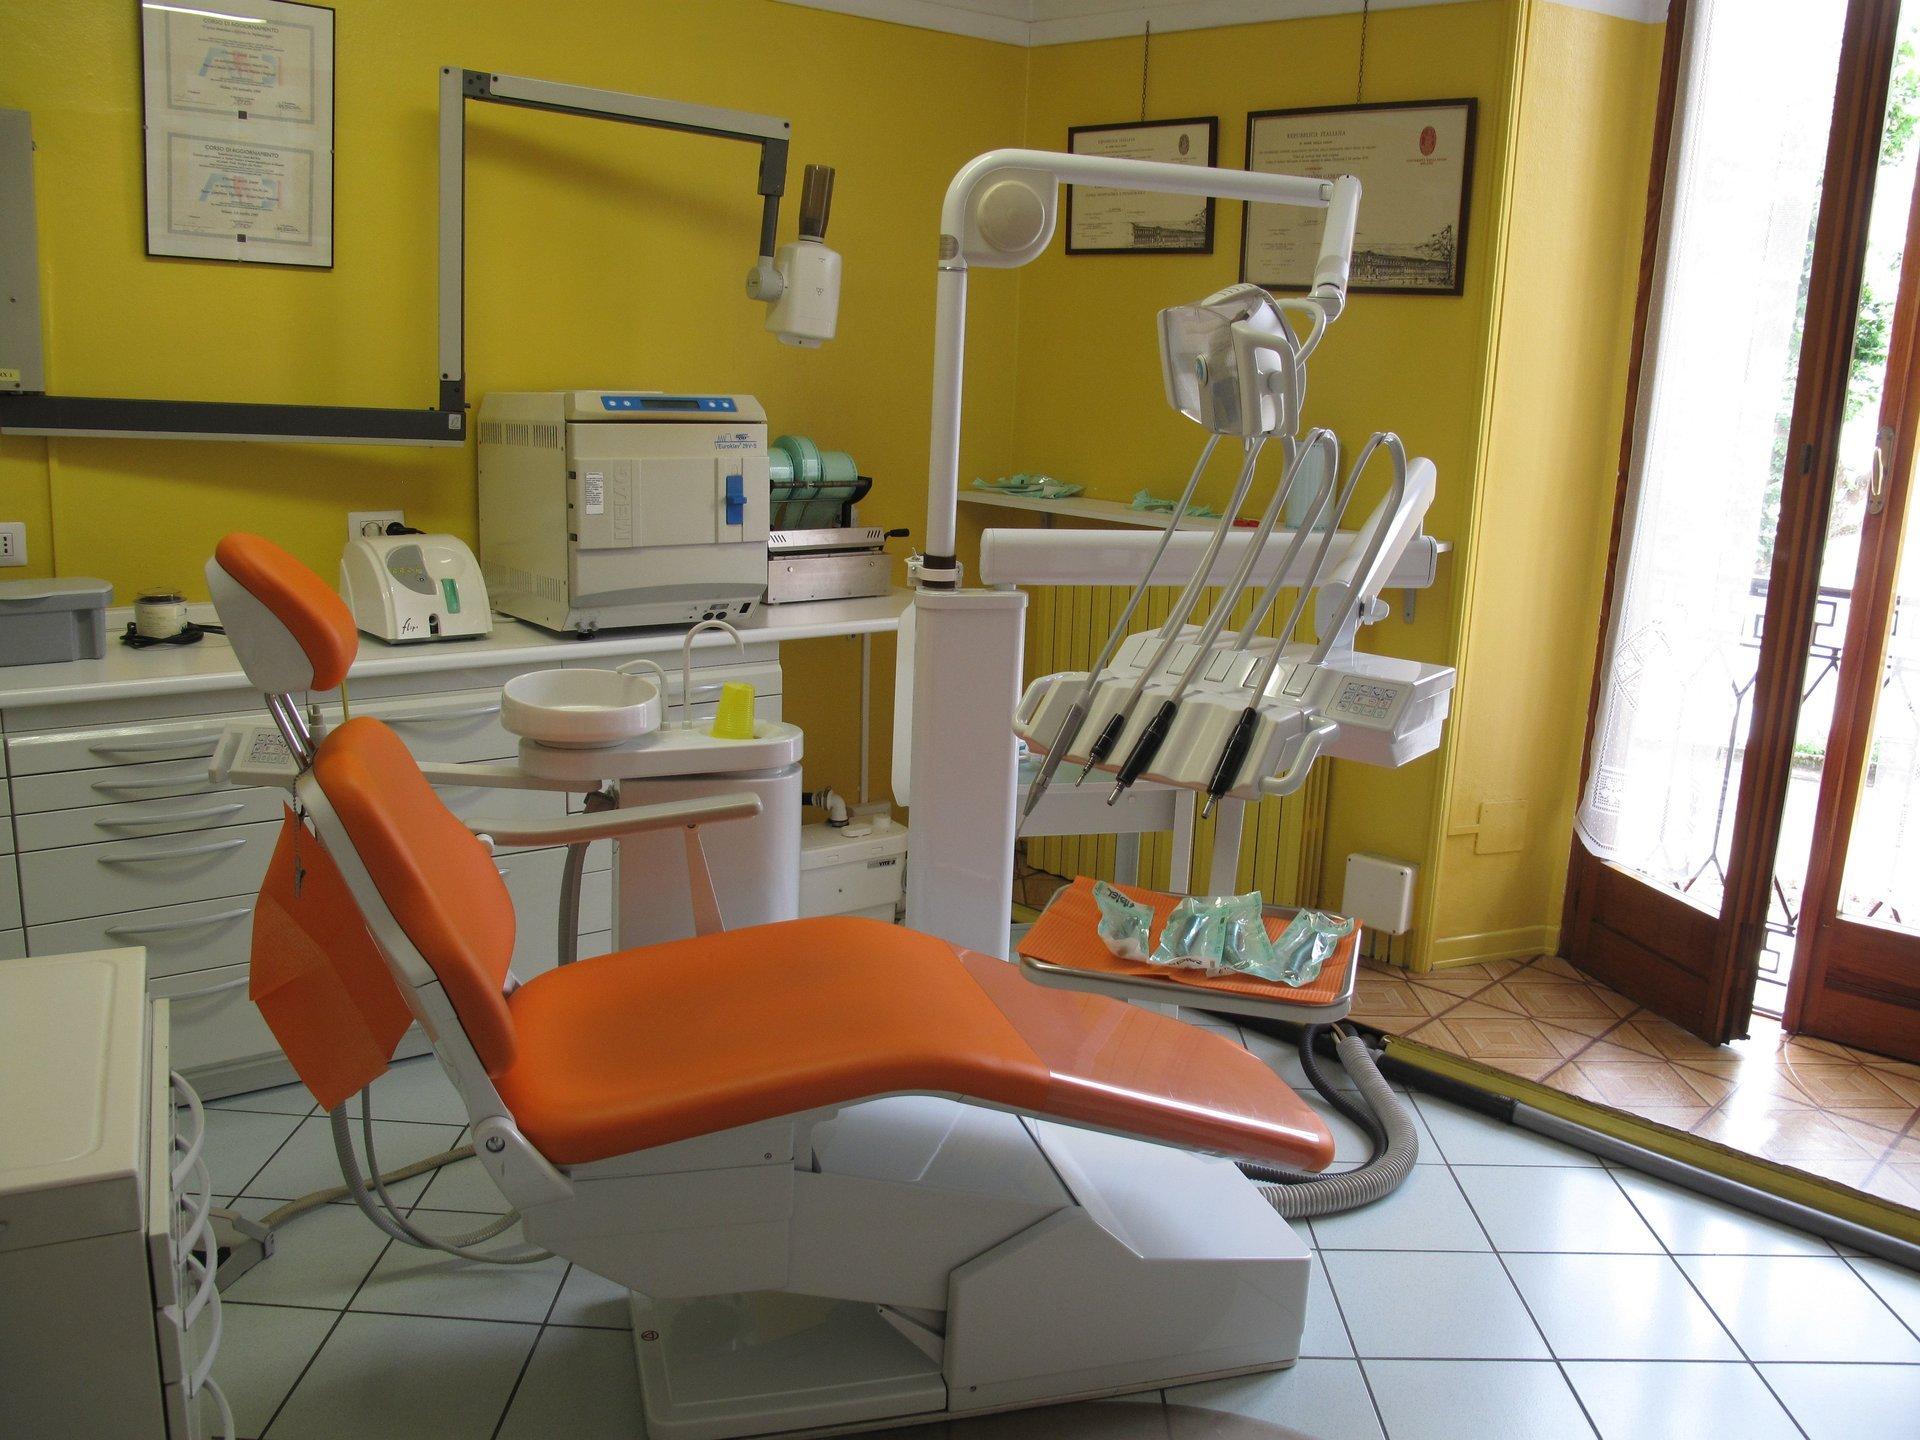 sala del dentista con poltrona arancio e pareti gialle